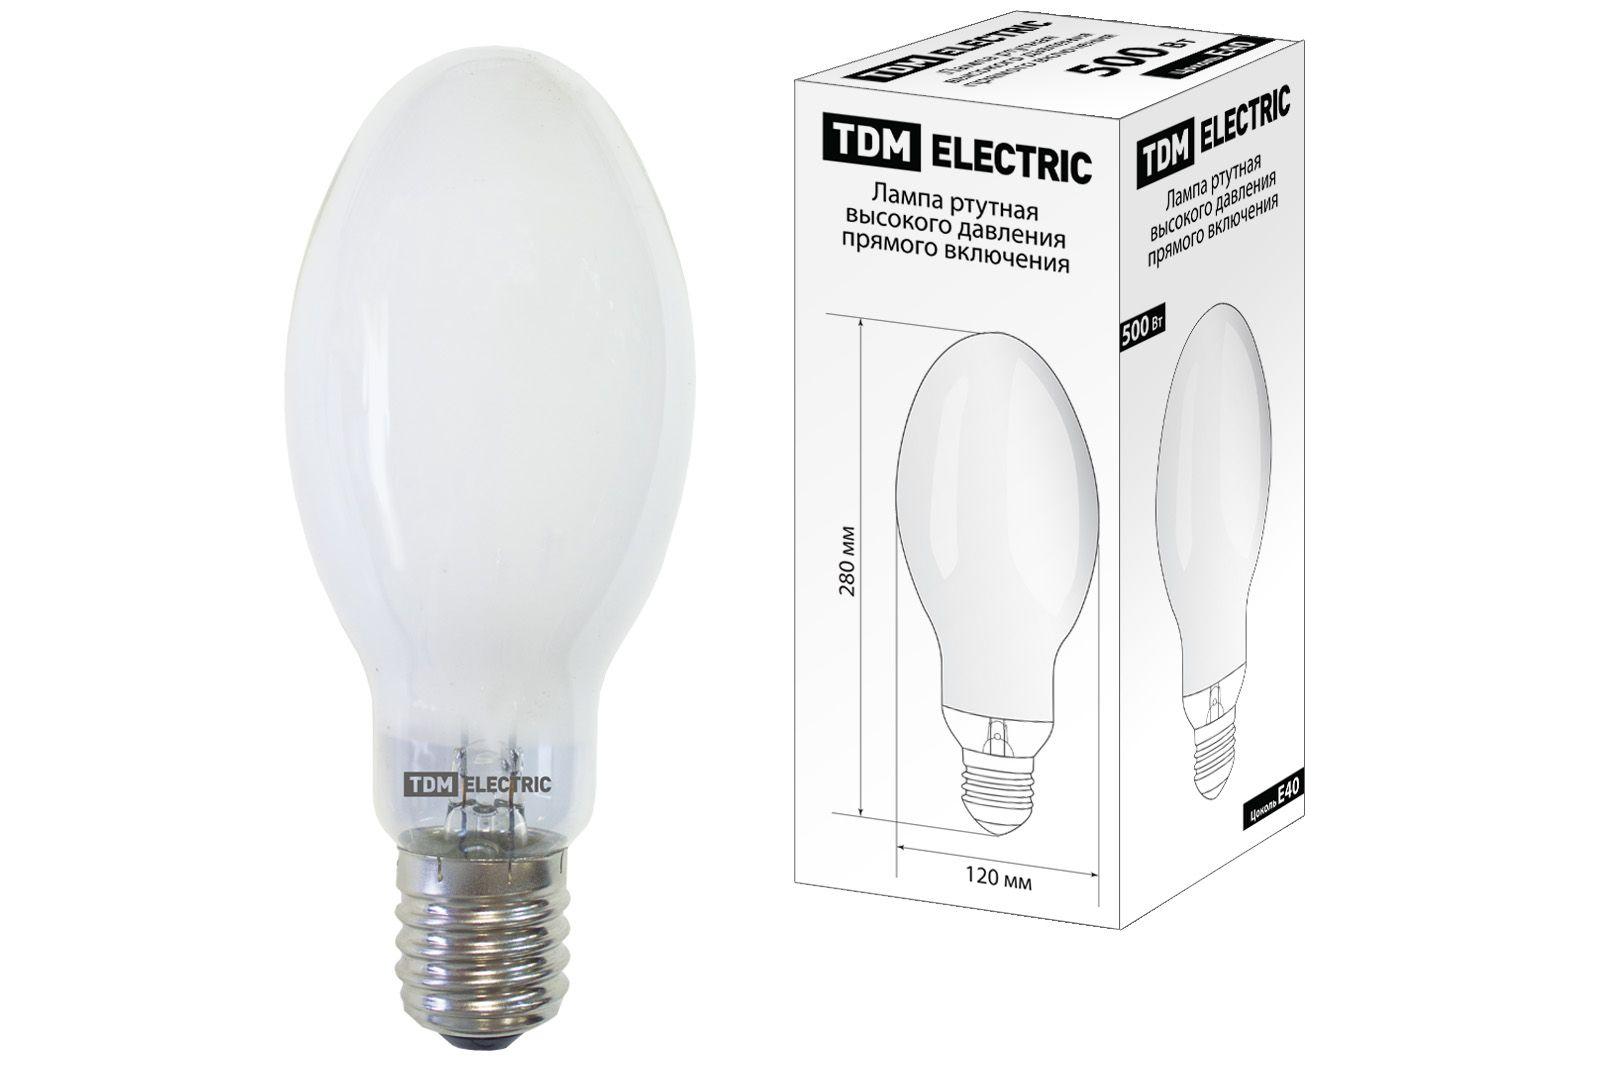 Купить Лампа ртутная TDM SQ0325-0021 500Вт Е40 230В прямого включения, TDM ELECTRIC